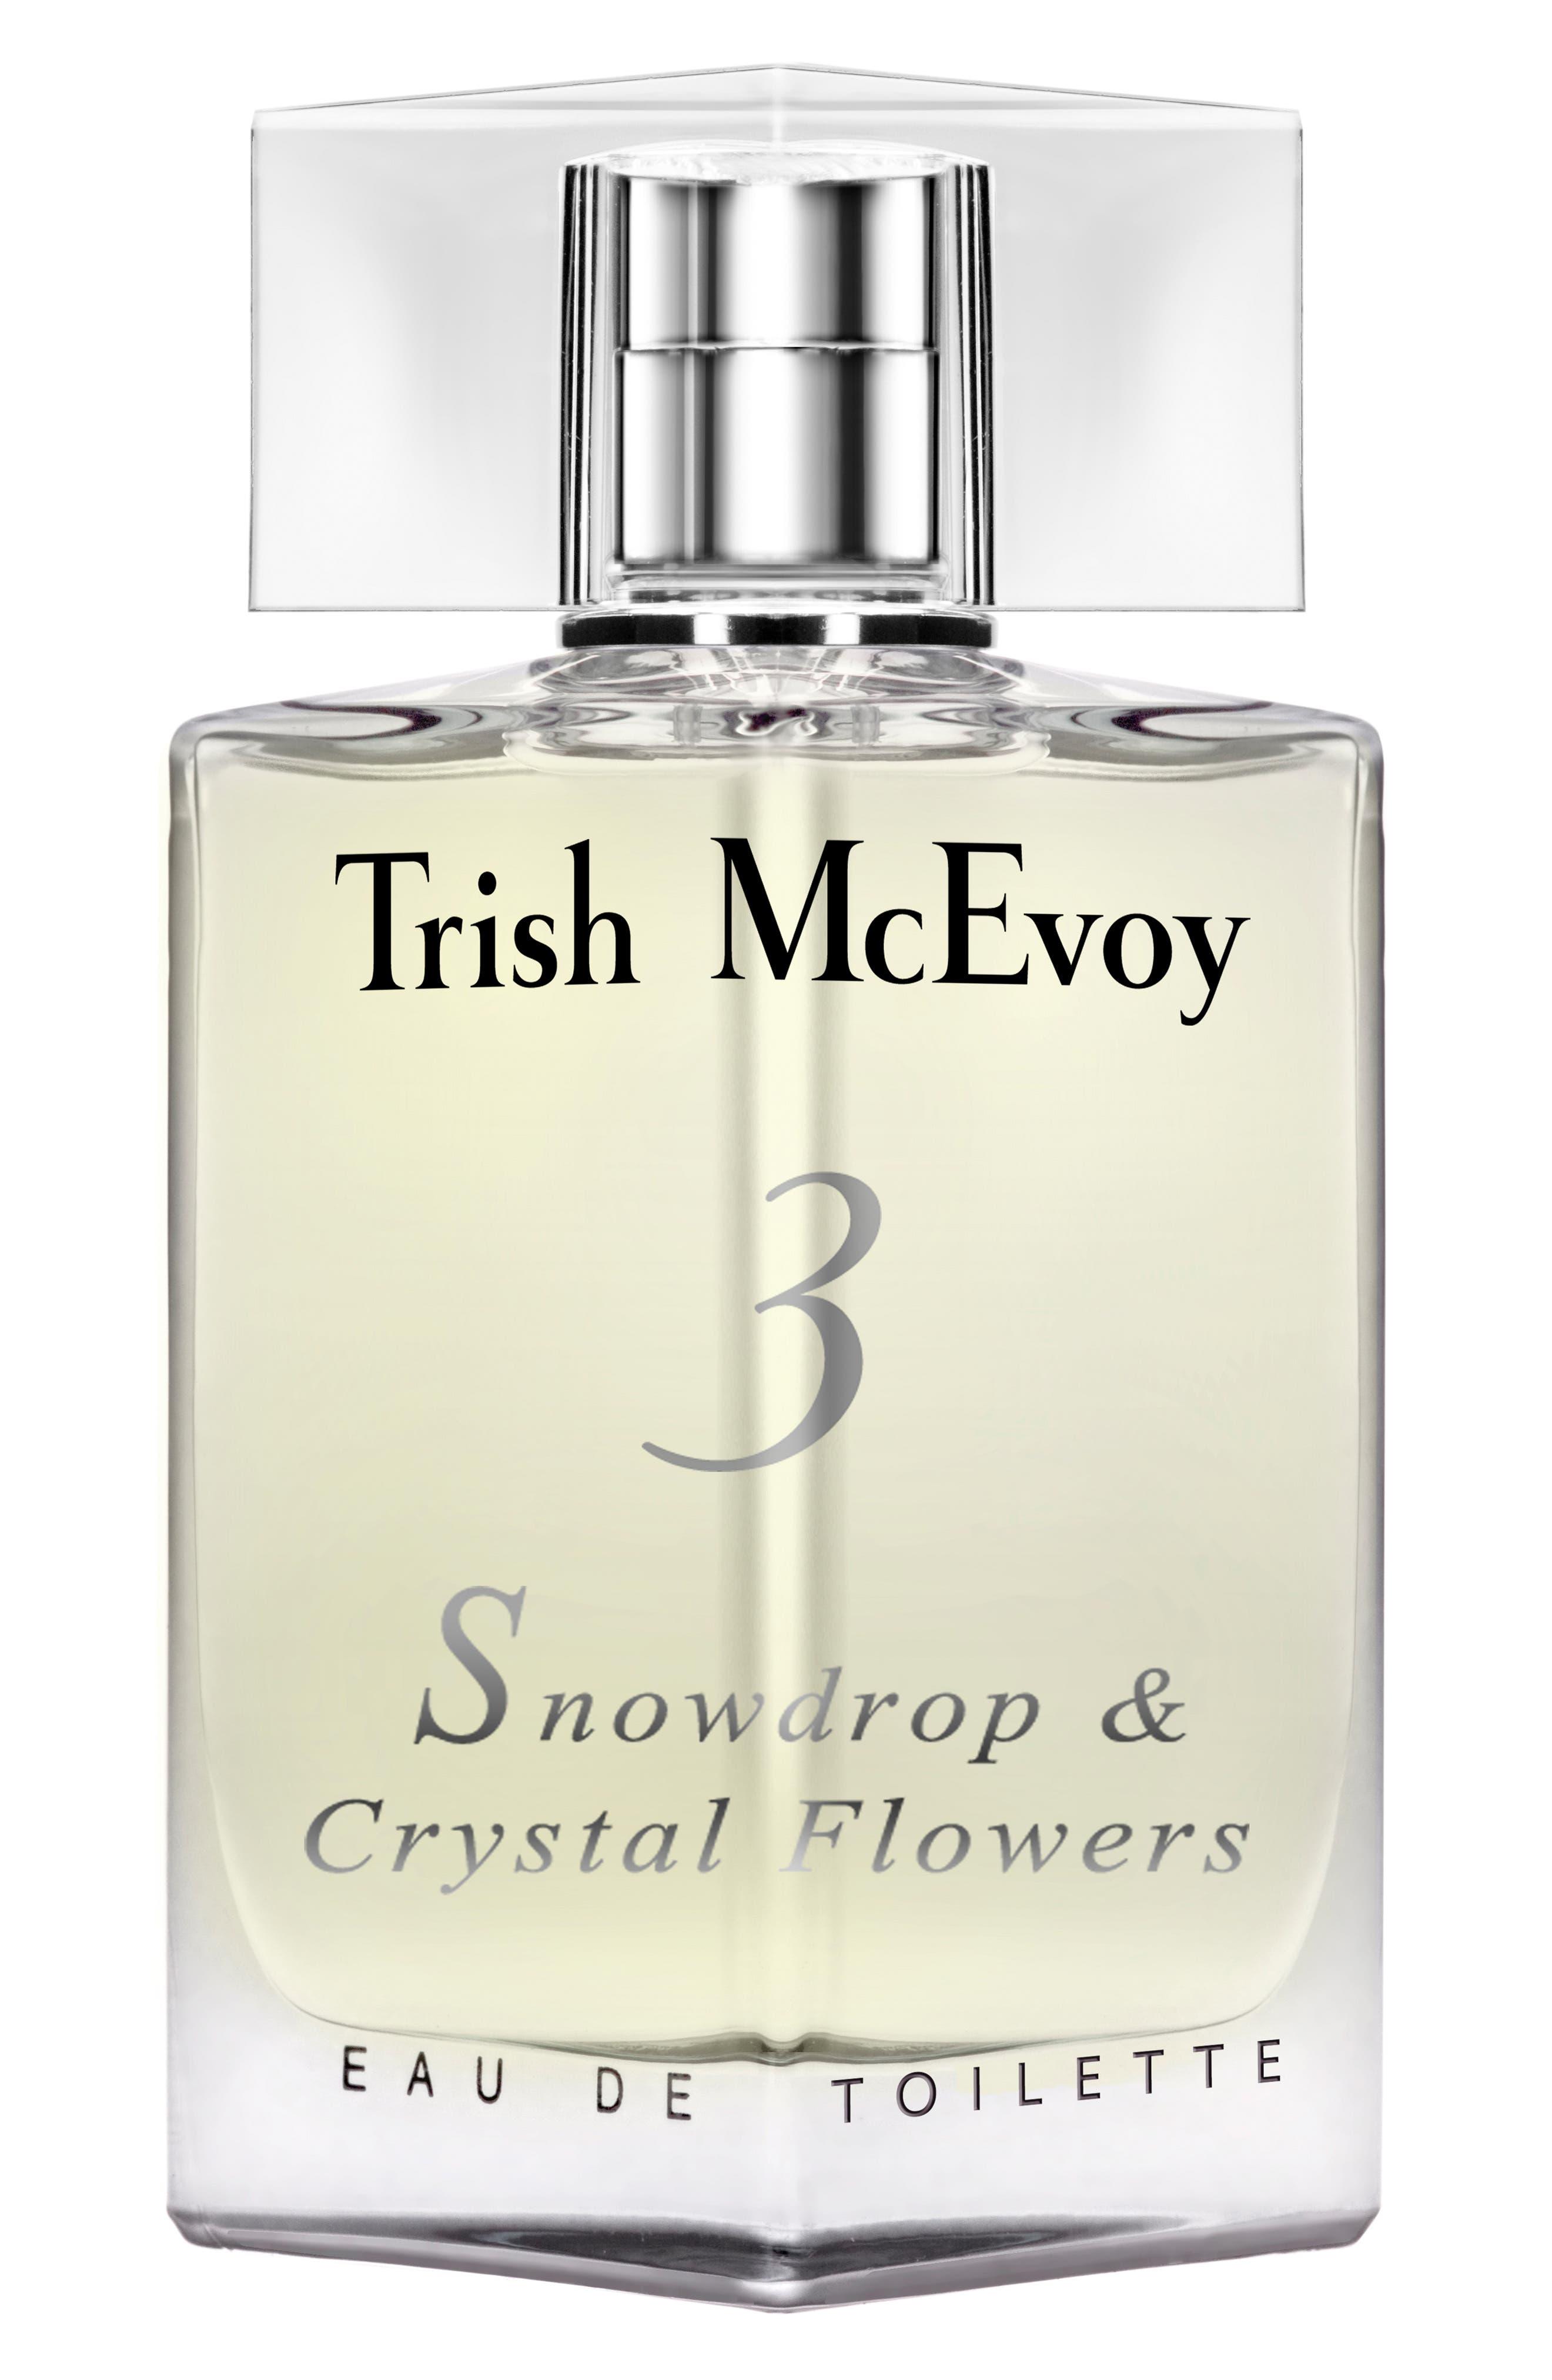 'No. 3 Snowdrop & Crystal Flowers' Eau de Toilette,                             Main thumbnail 1, color,                             NO COLOR